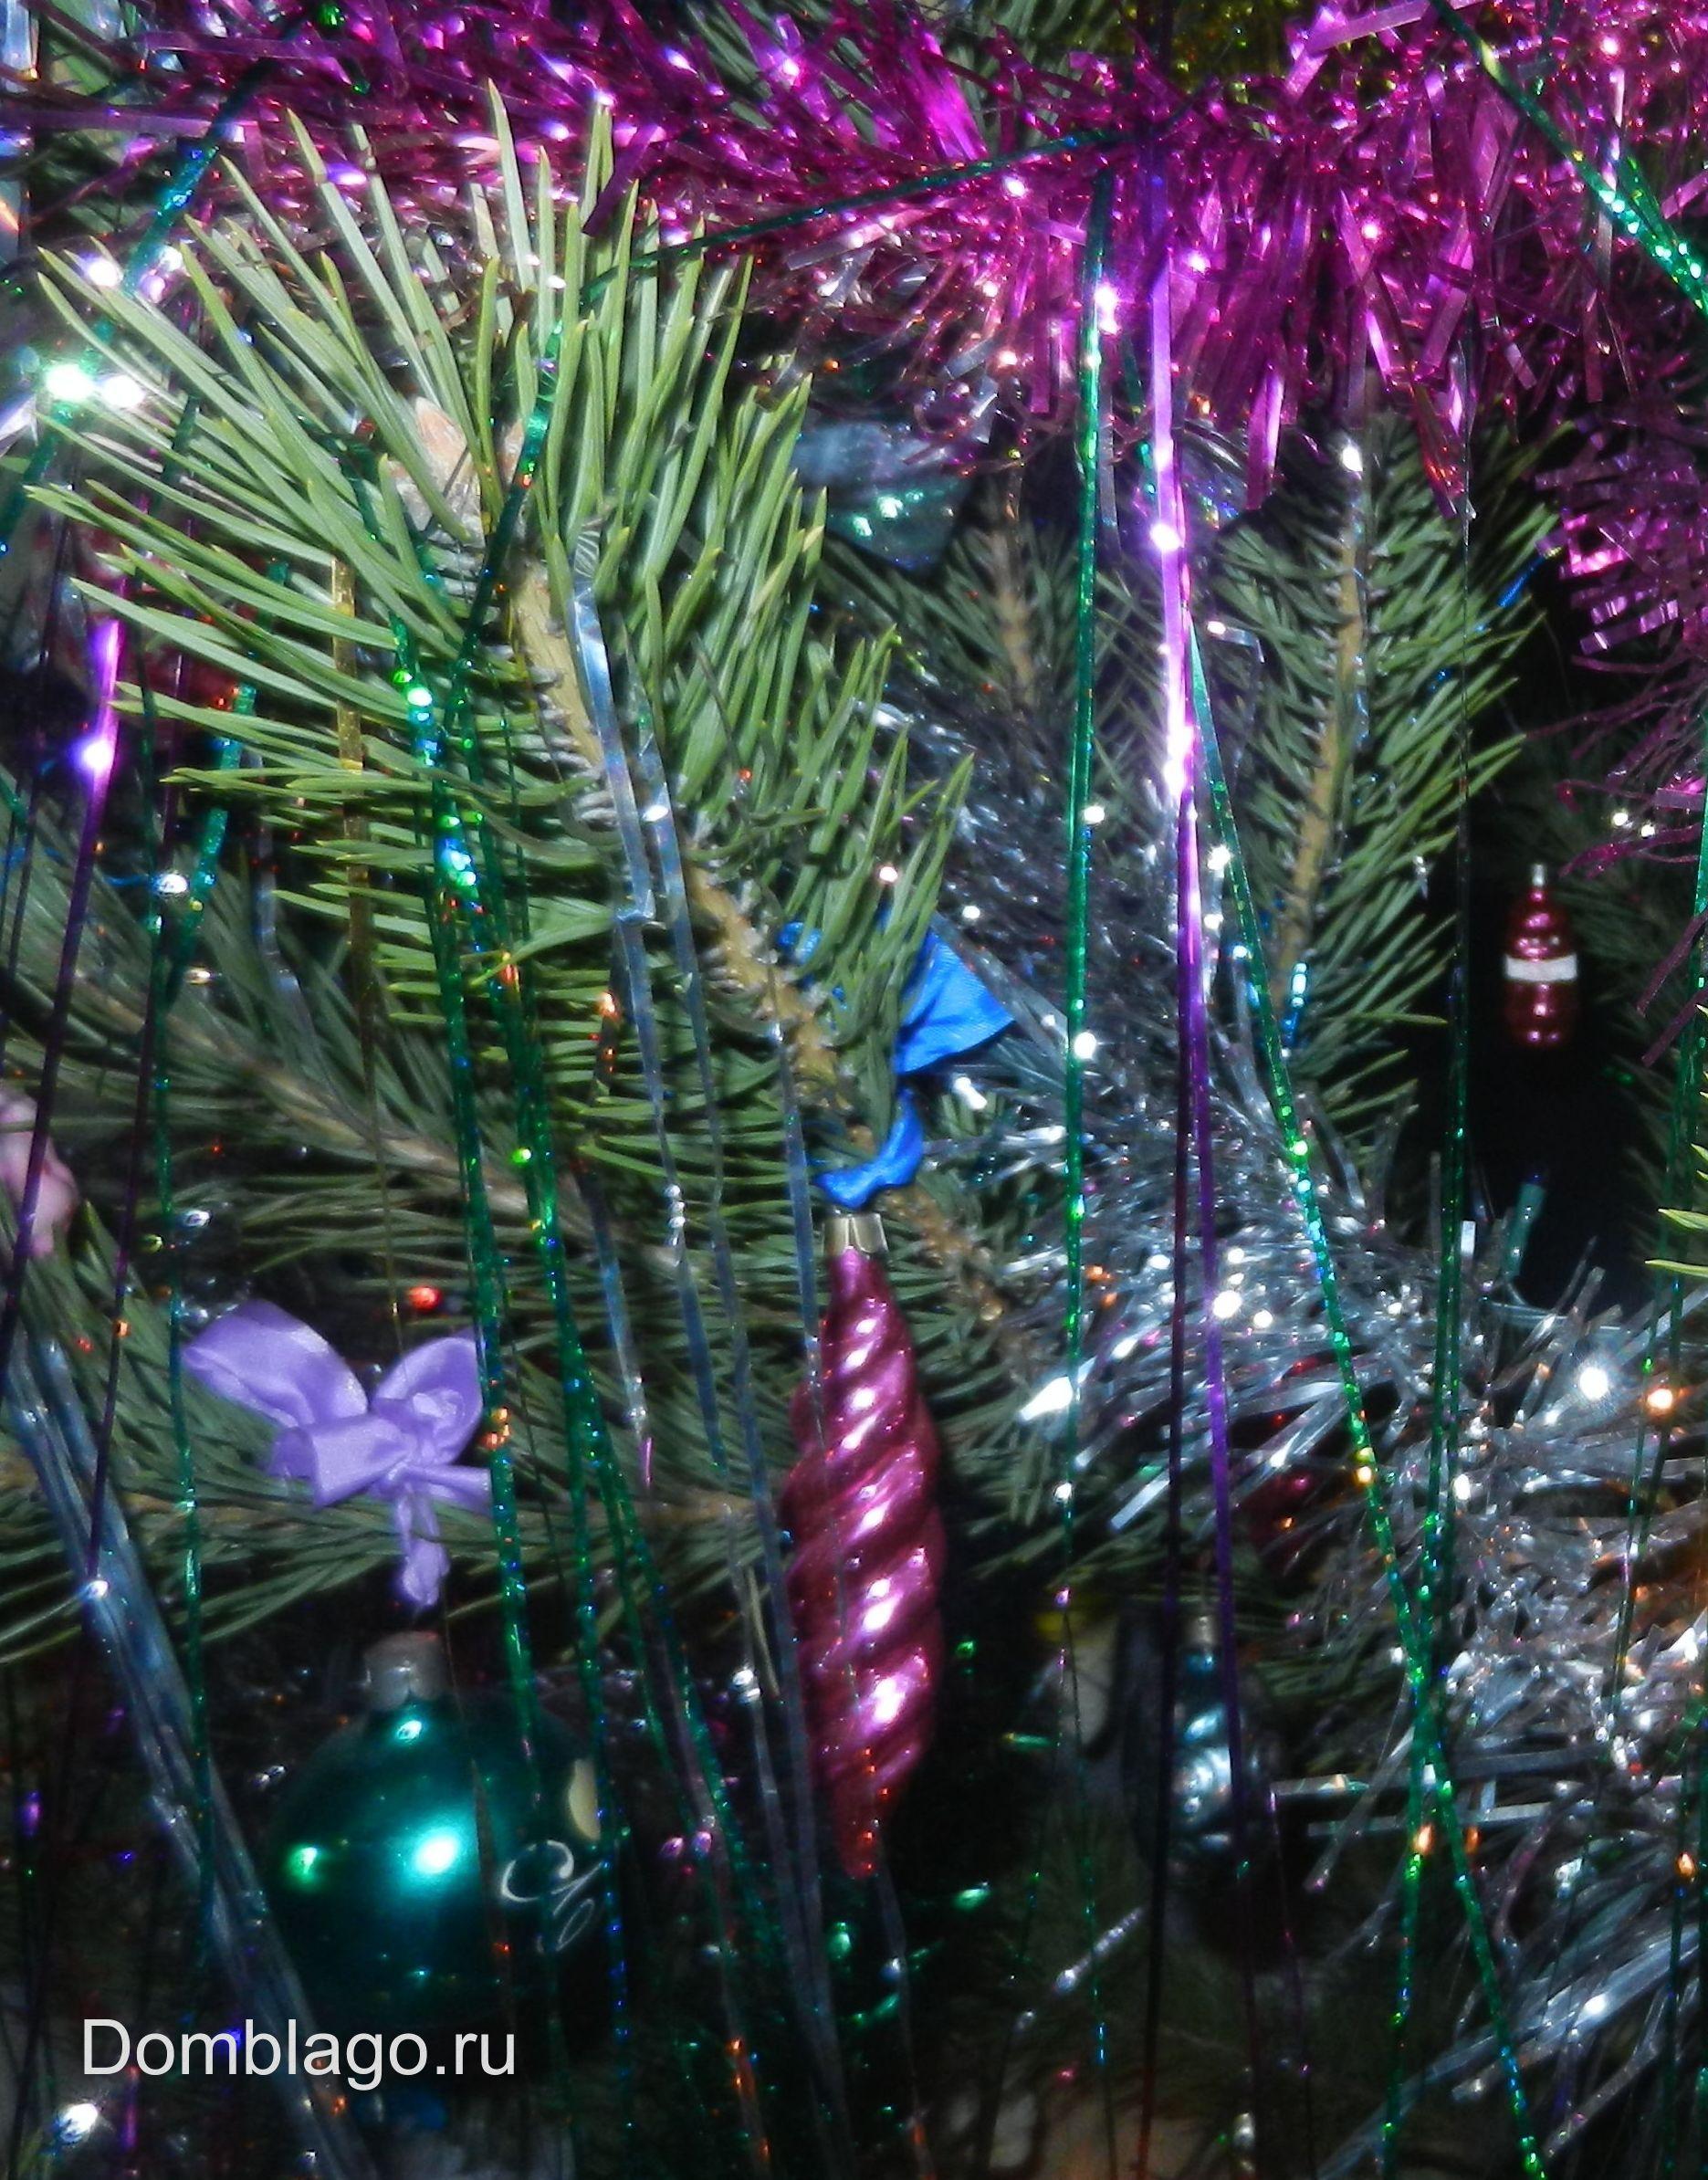 Готовимся к Новому году. Куда поставить елку. Домашняя магия.